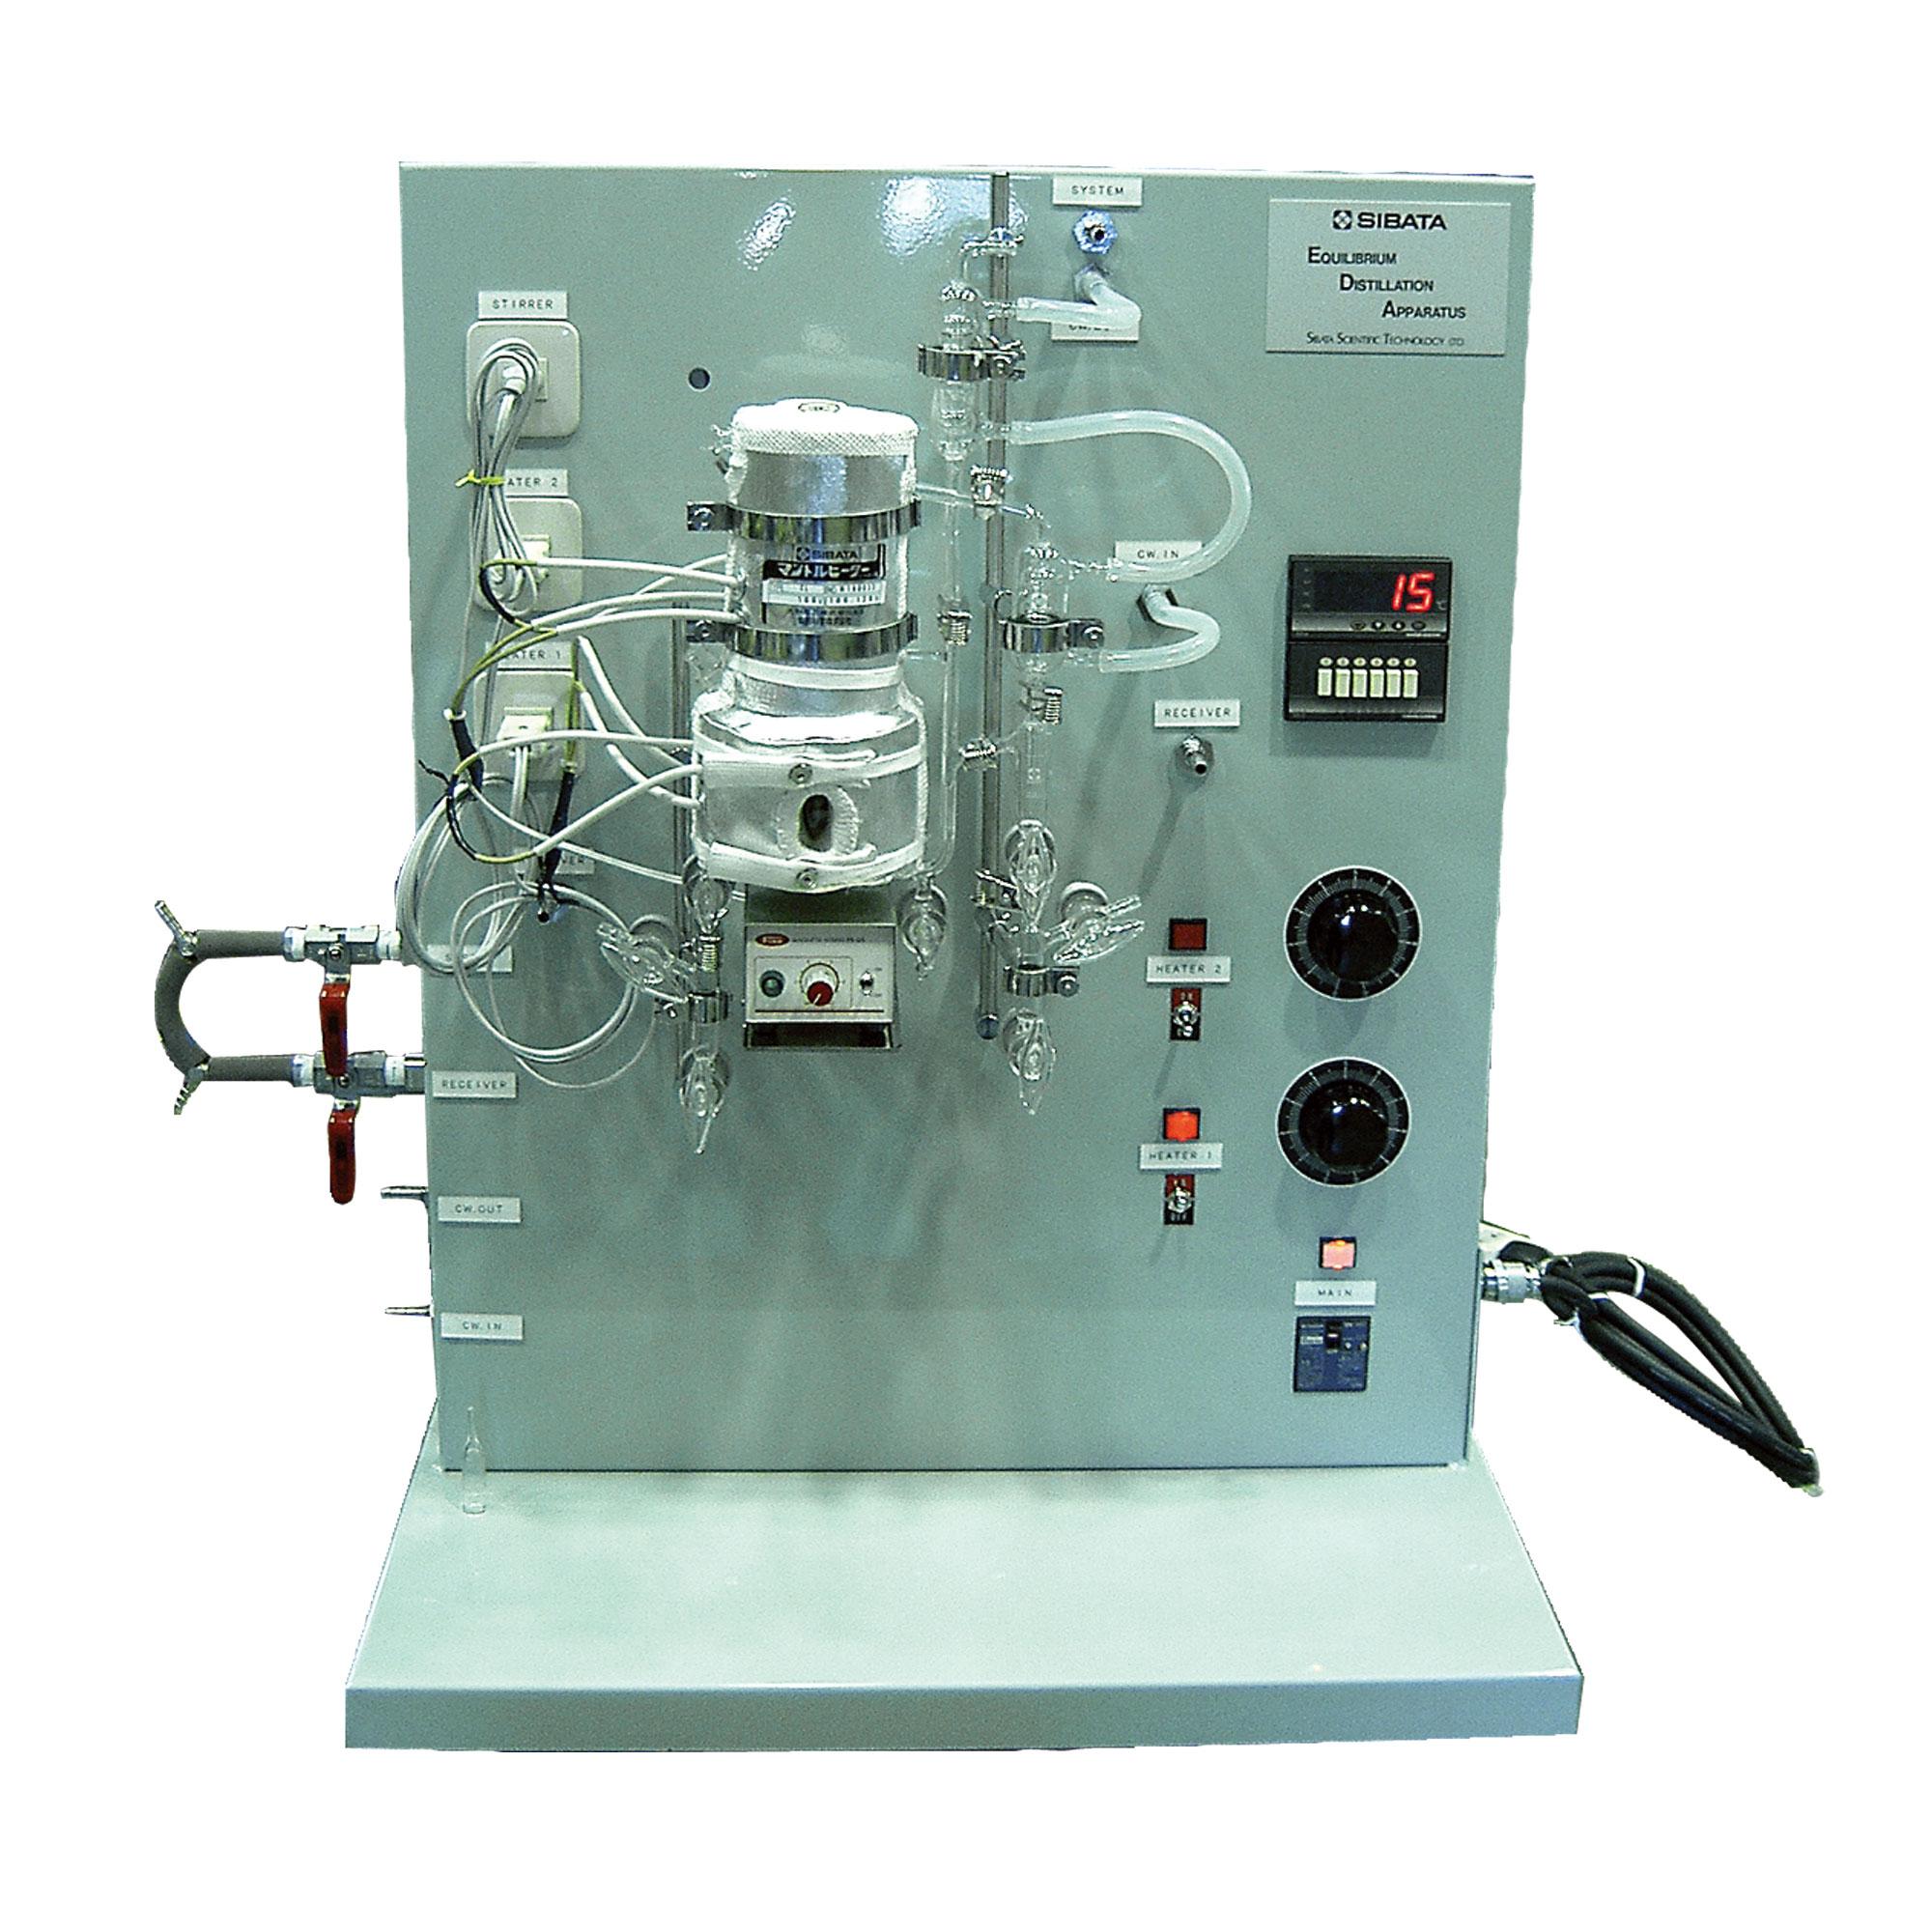 オスマー平衡蒸留装置